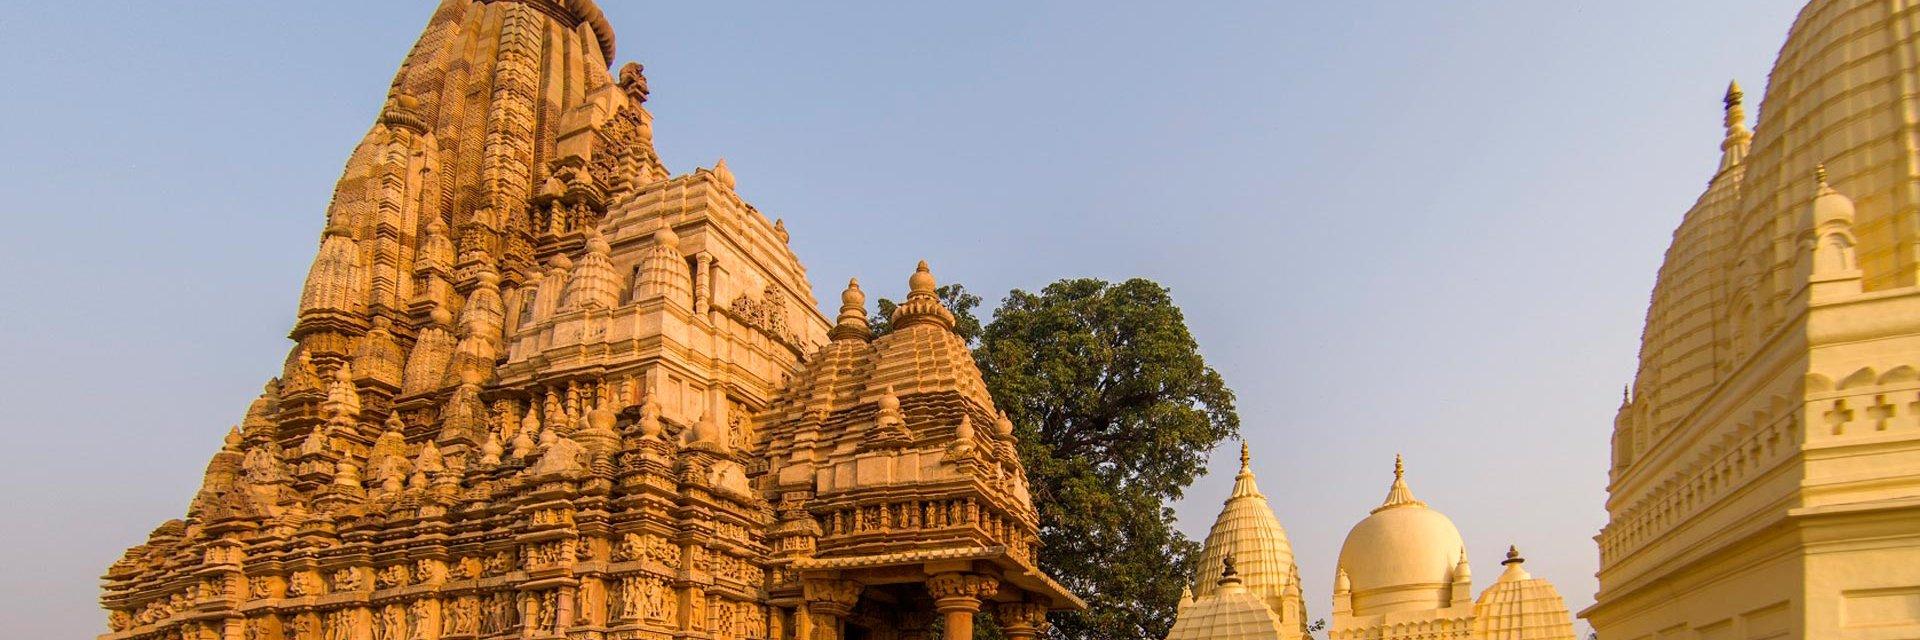 Héritage et nature de l'Inde du Nord